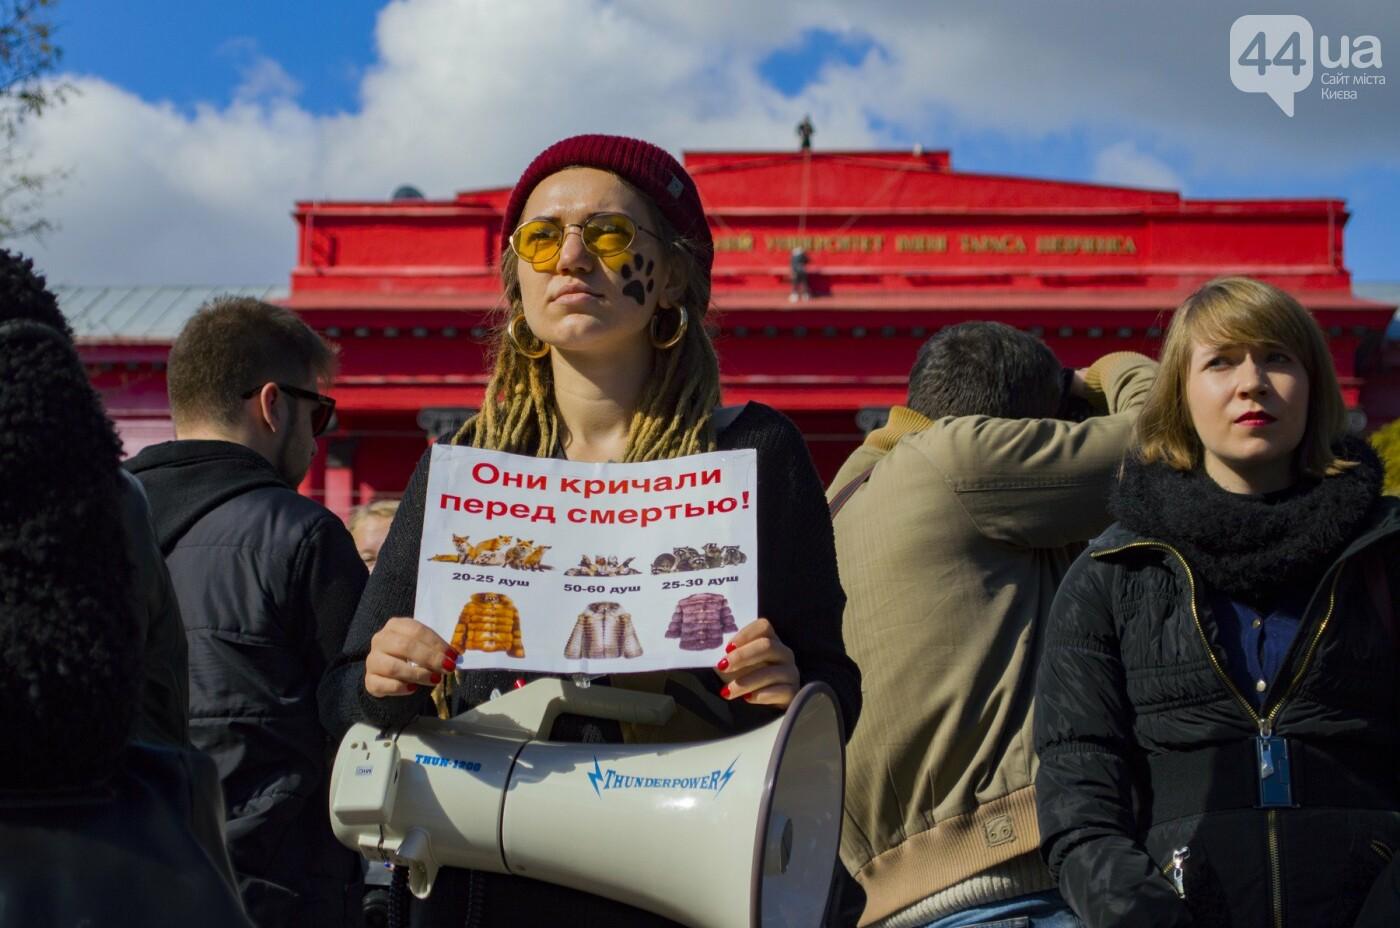 Собаки, коты и хомячки: в Киеве прошла акция за права животных, - ФОТОРЕПОРТАЖ, фото-23